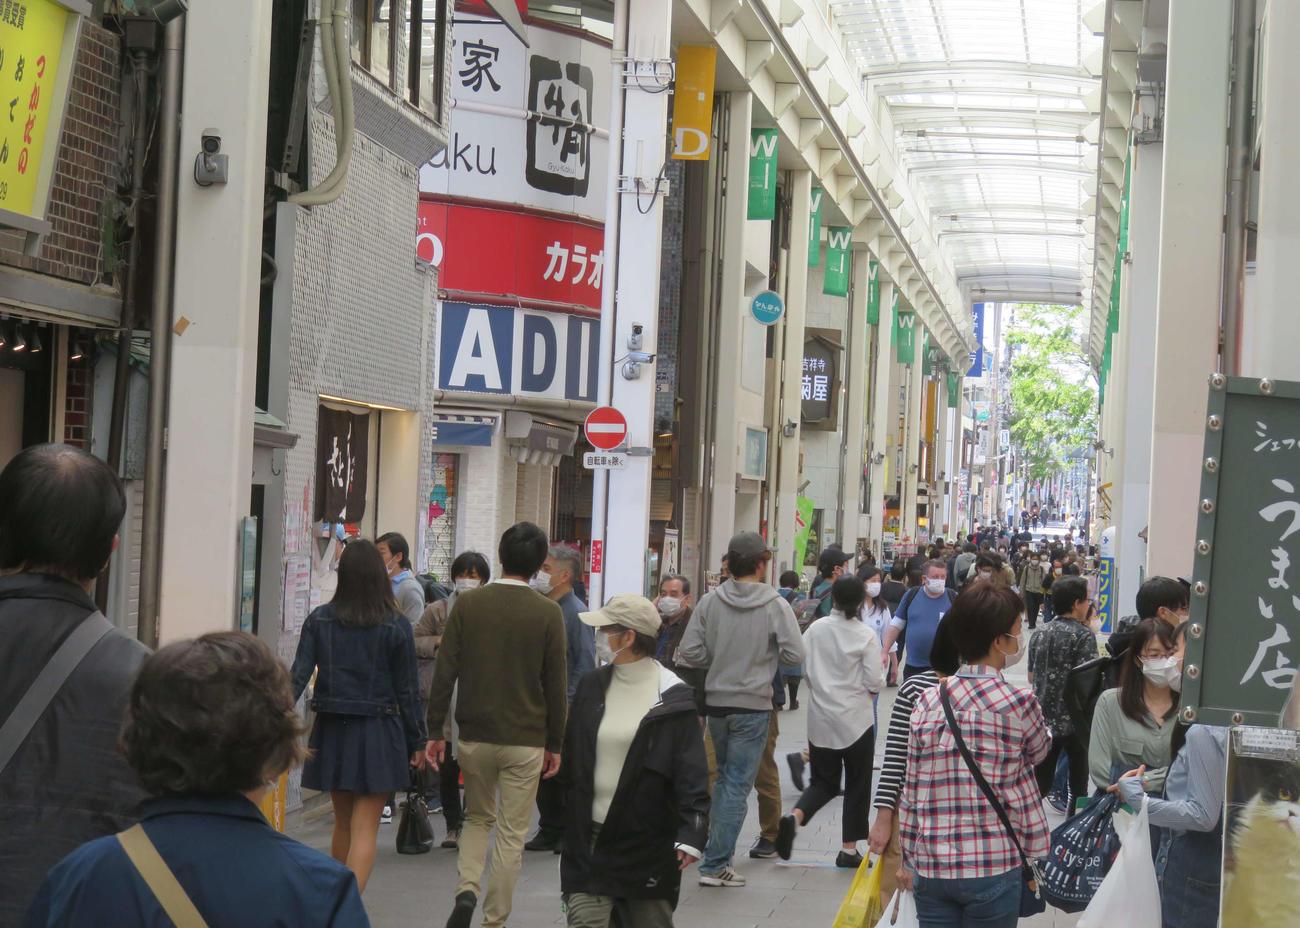 全都道府県に緊急事態宣言が発令され、初の週末となった吉祥寺は前週末と変わらぬ人でにぎわっていた(撮影・大上悟)